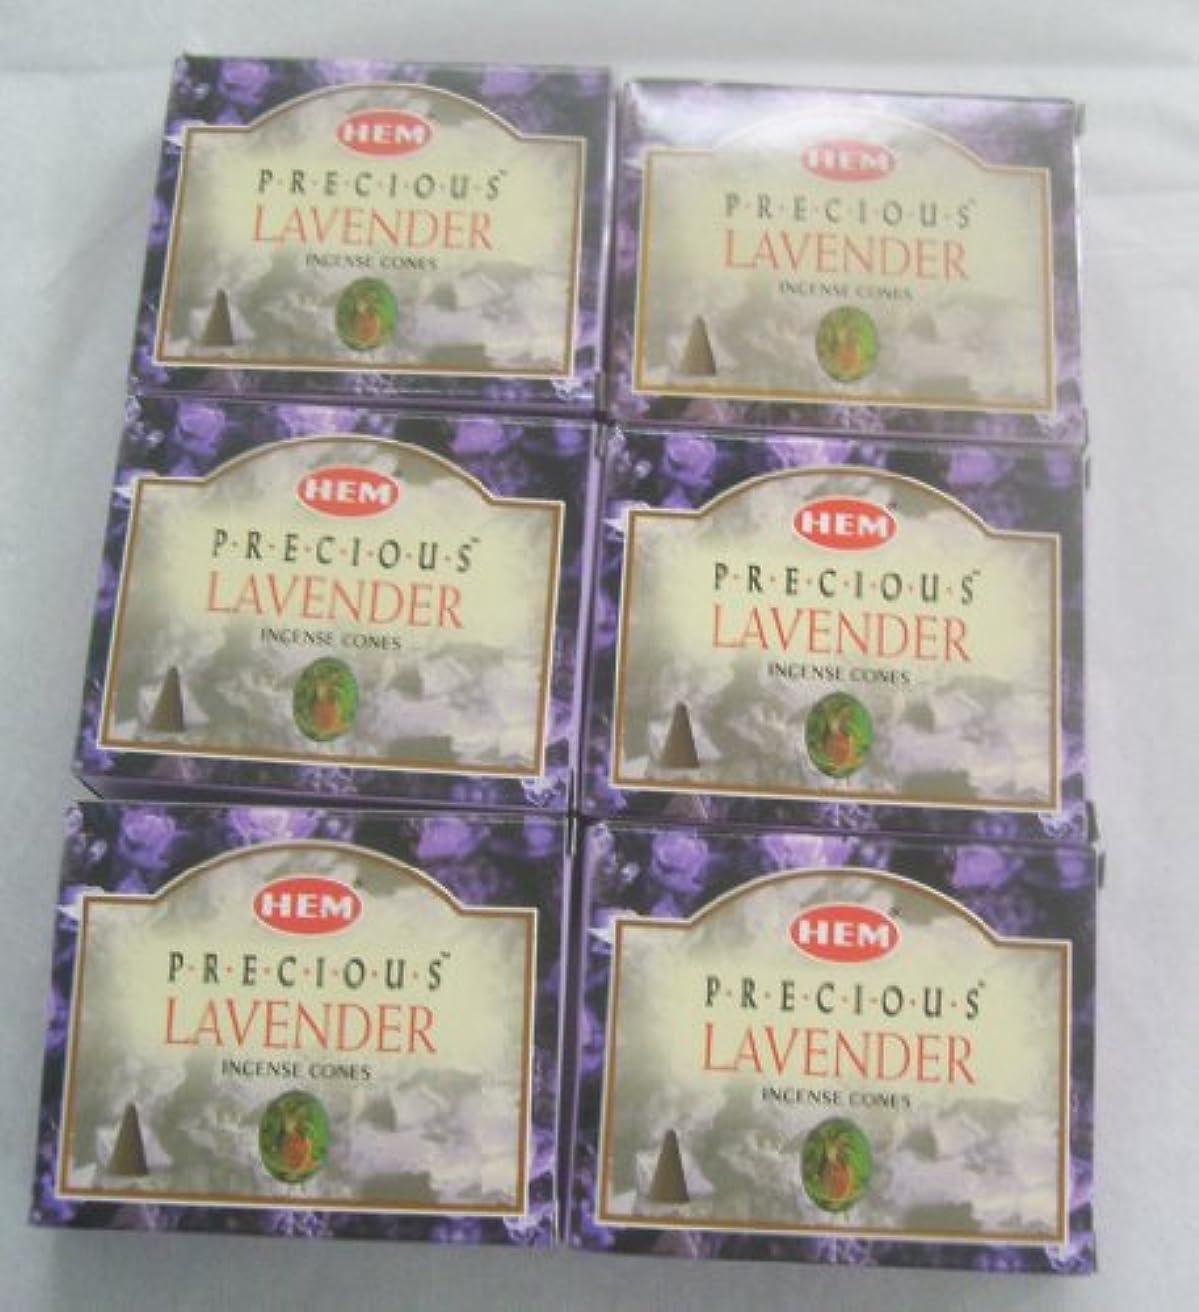 岩ハンサム子Hem Precious Lavender Incense Cones、6パックの10 Cones = 60 Cones